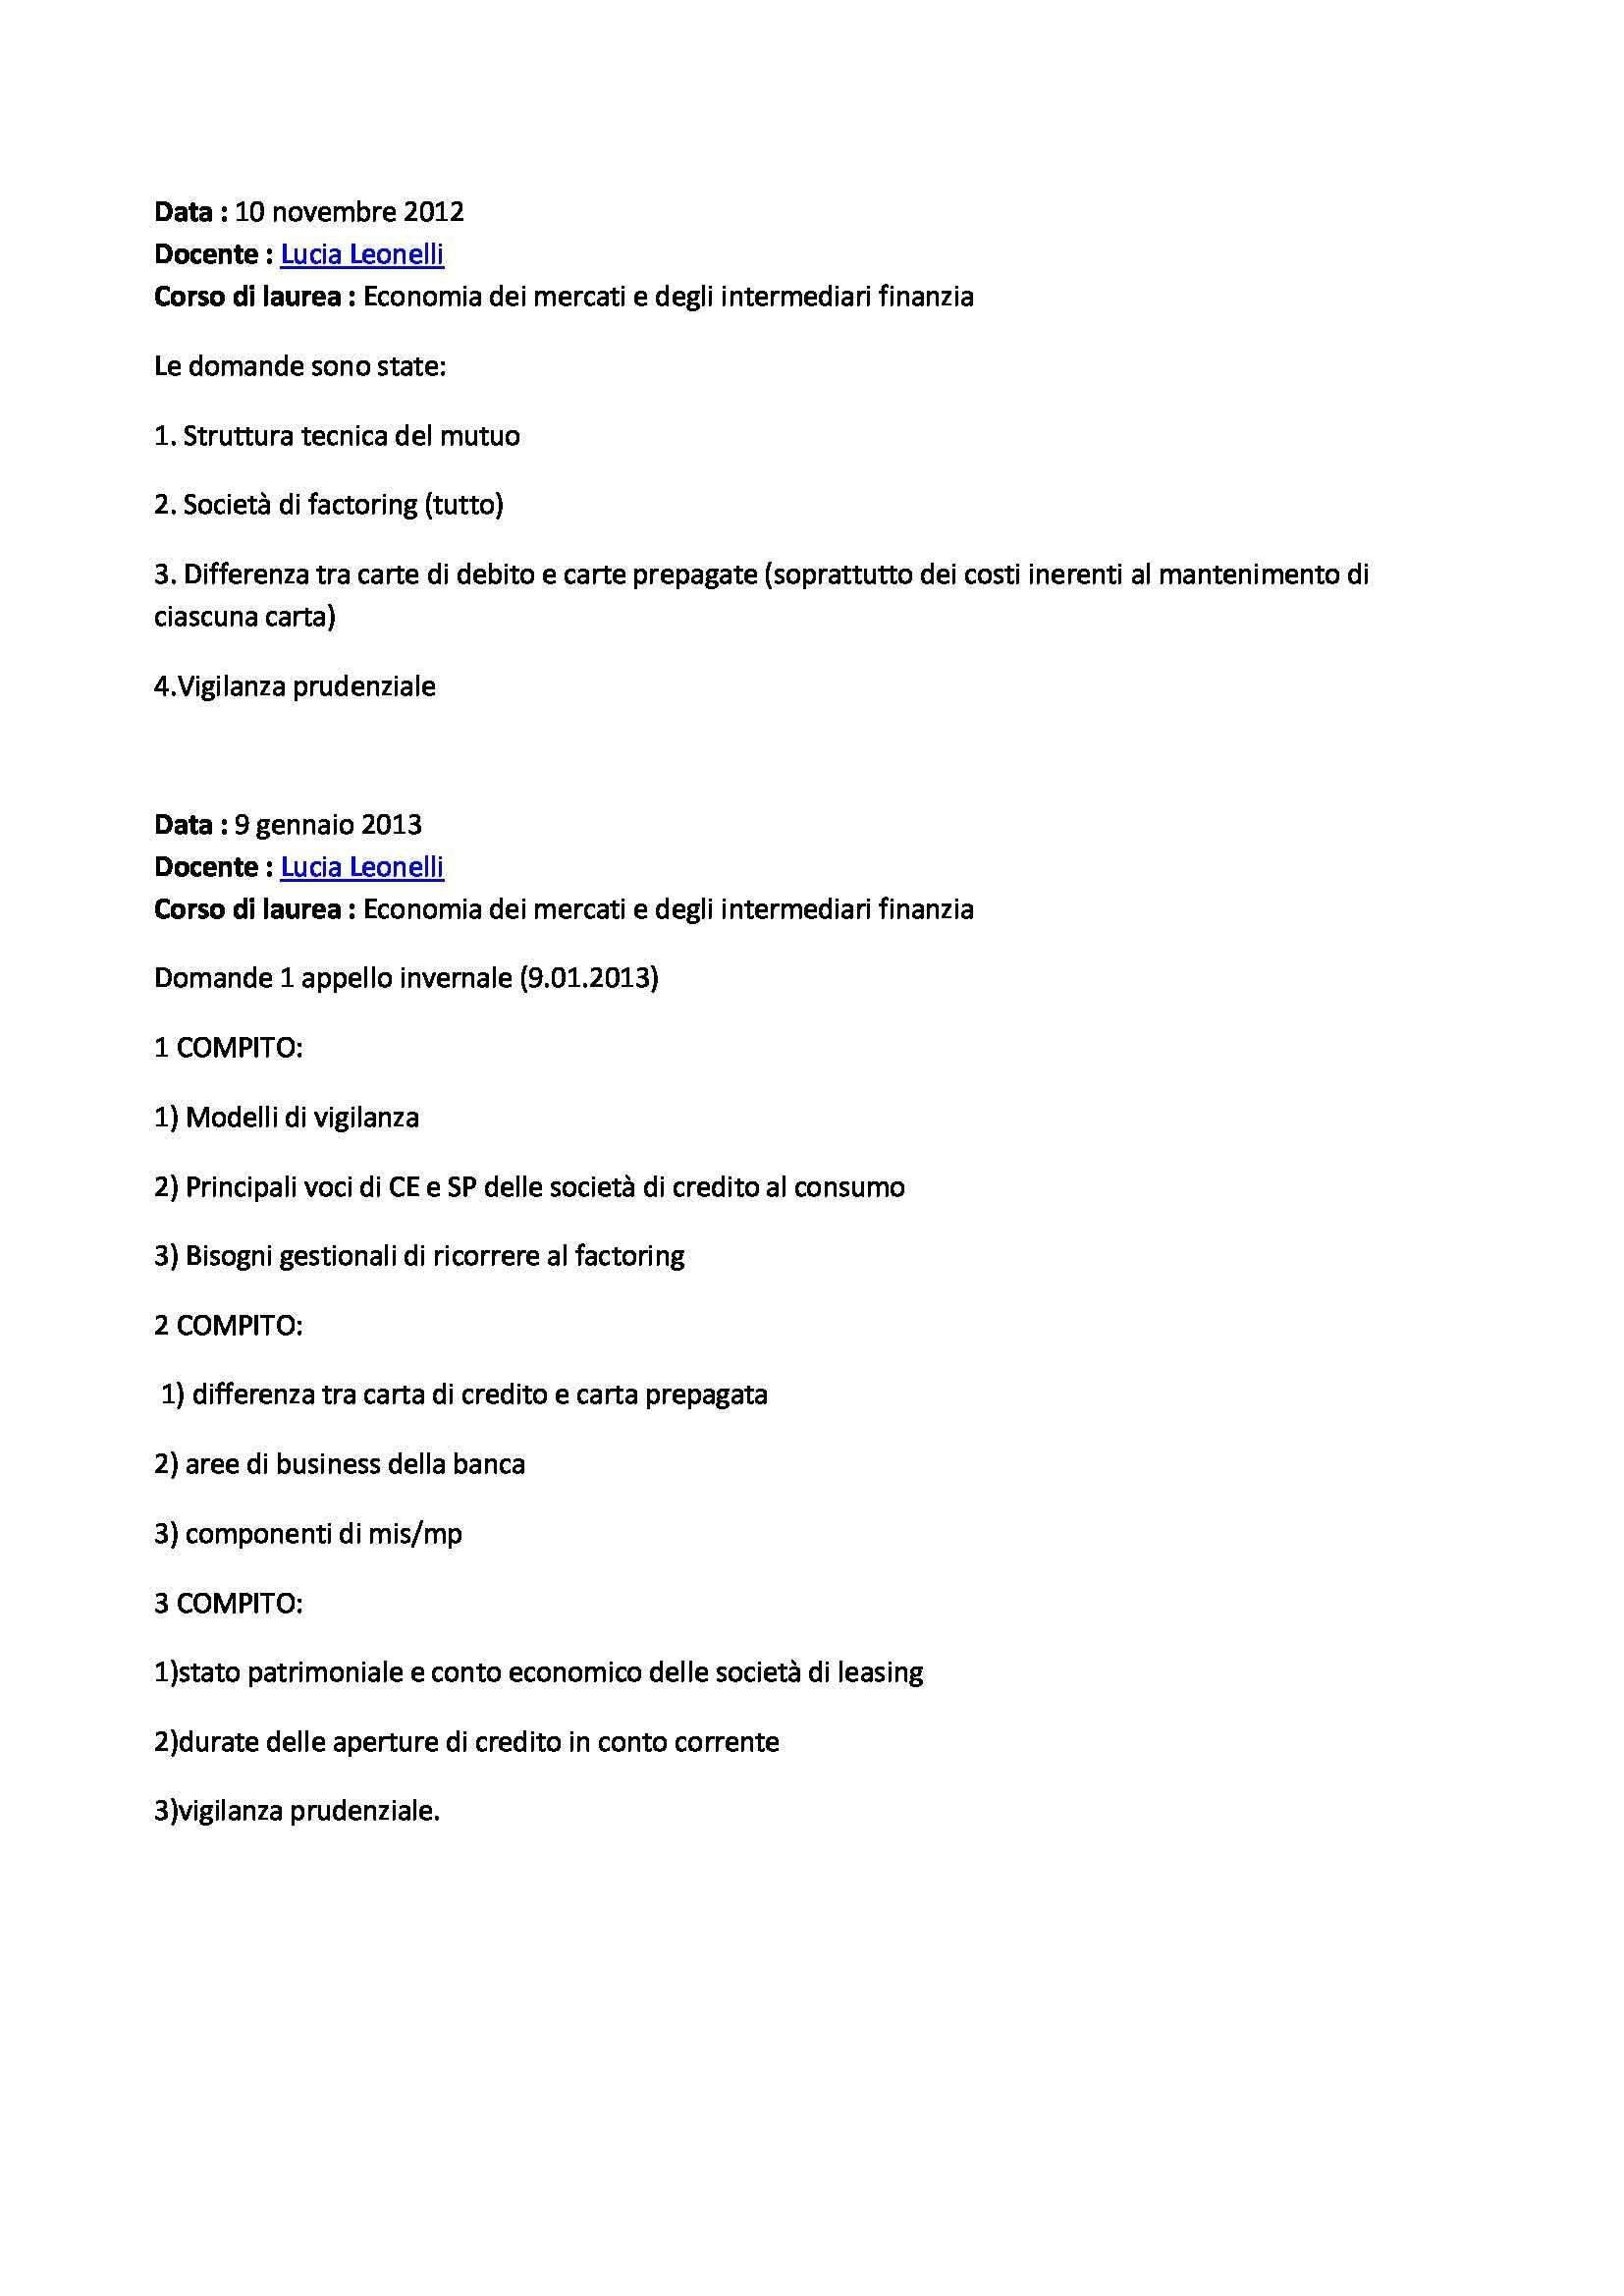 Economia degli intermediari finanziari - Domande Pag. 2